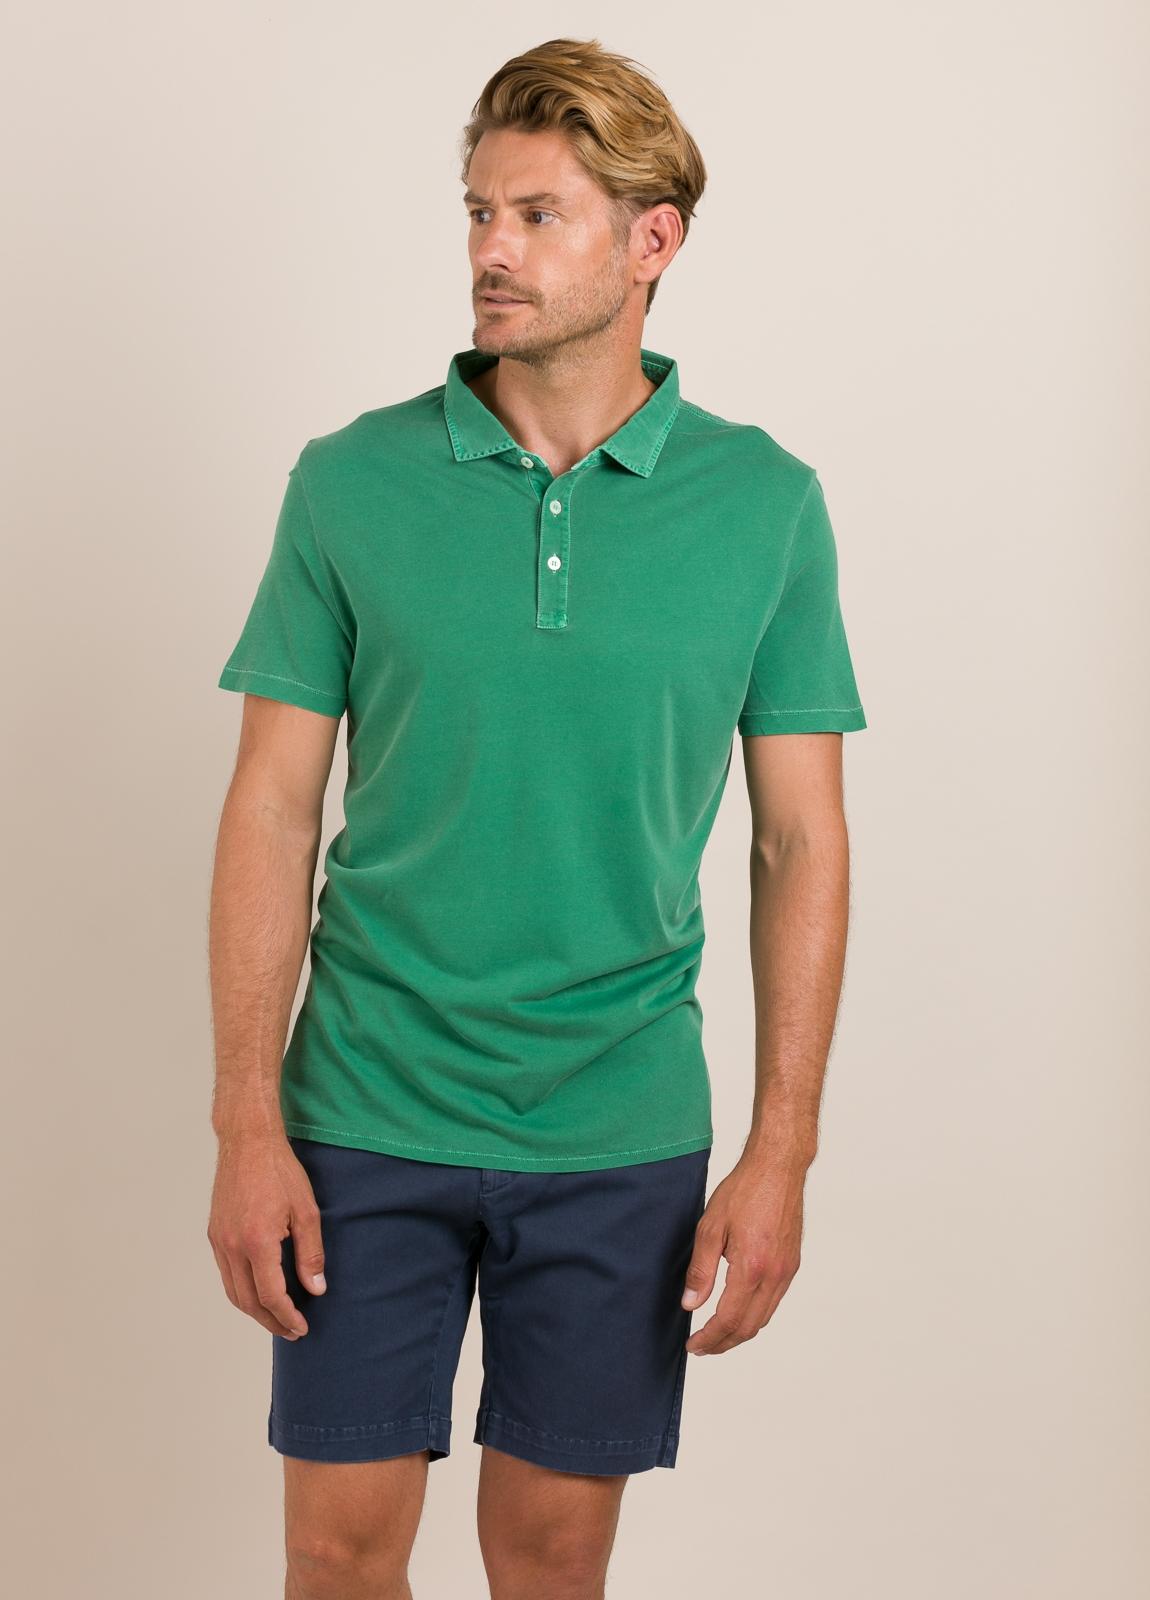 Polo FUREST COLECCIÓN verde